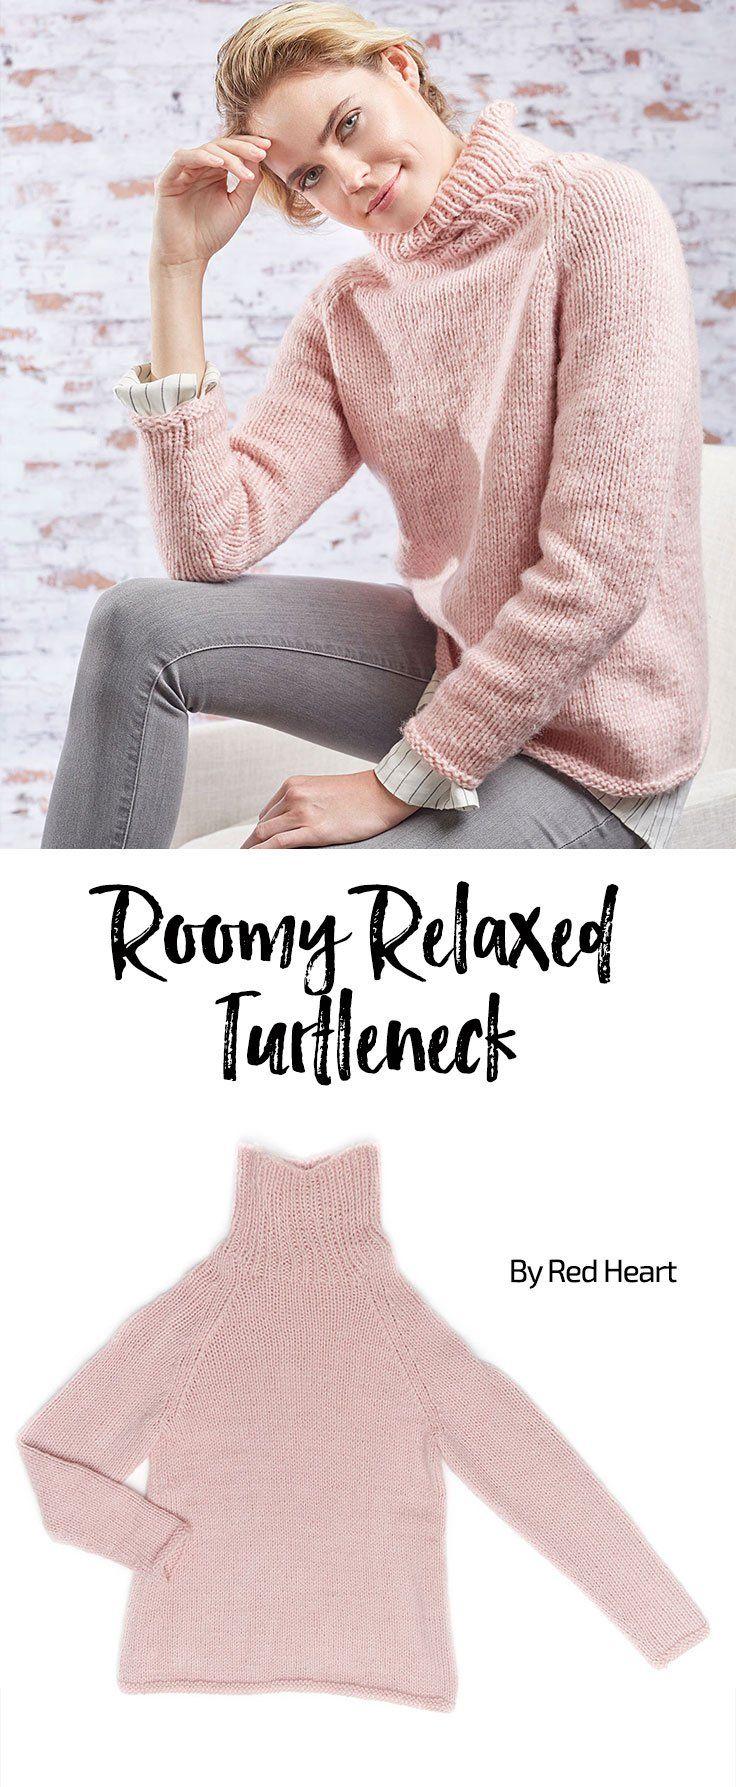 Roomy Relaxed Turtleneck free knit pattern in Dreamy yarn.